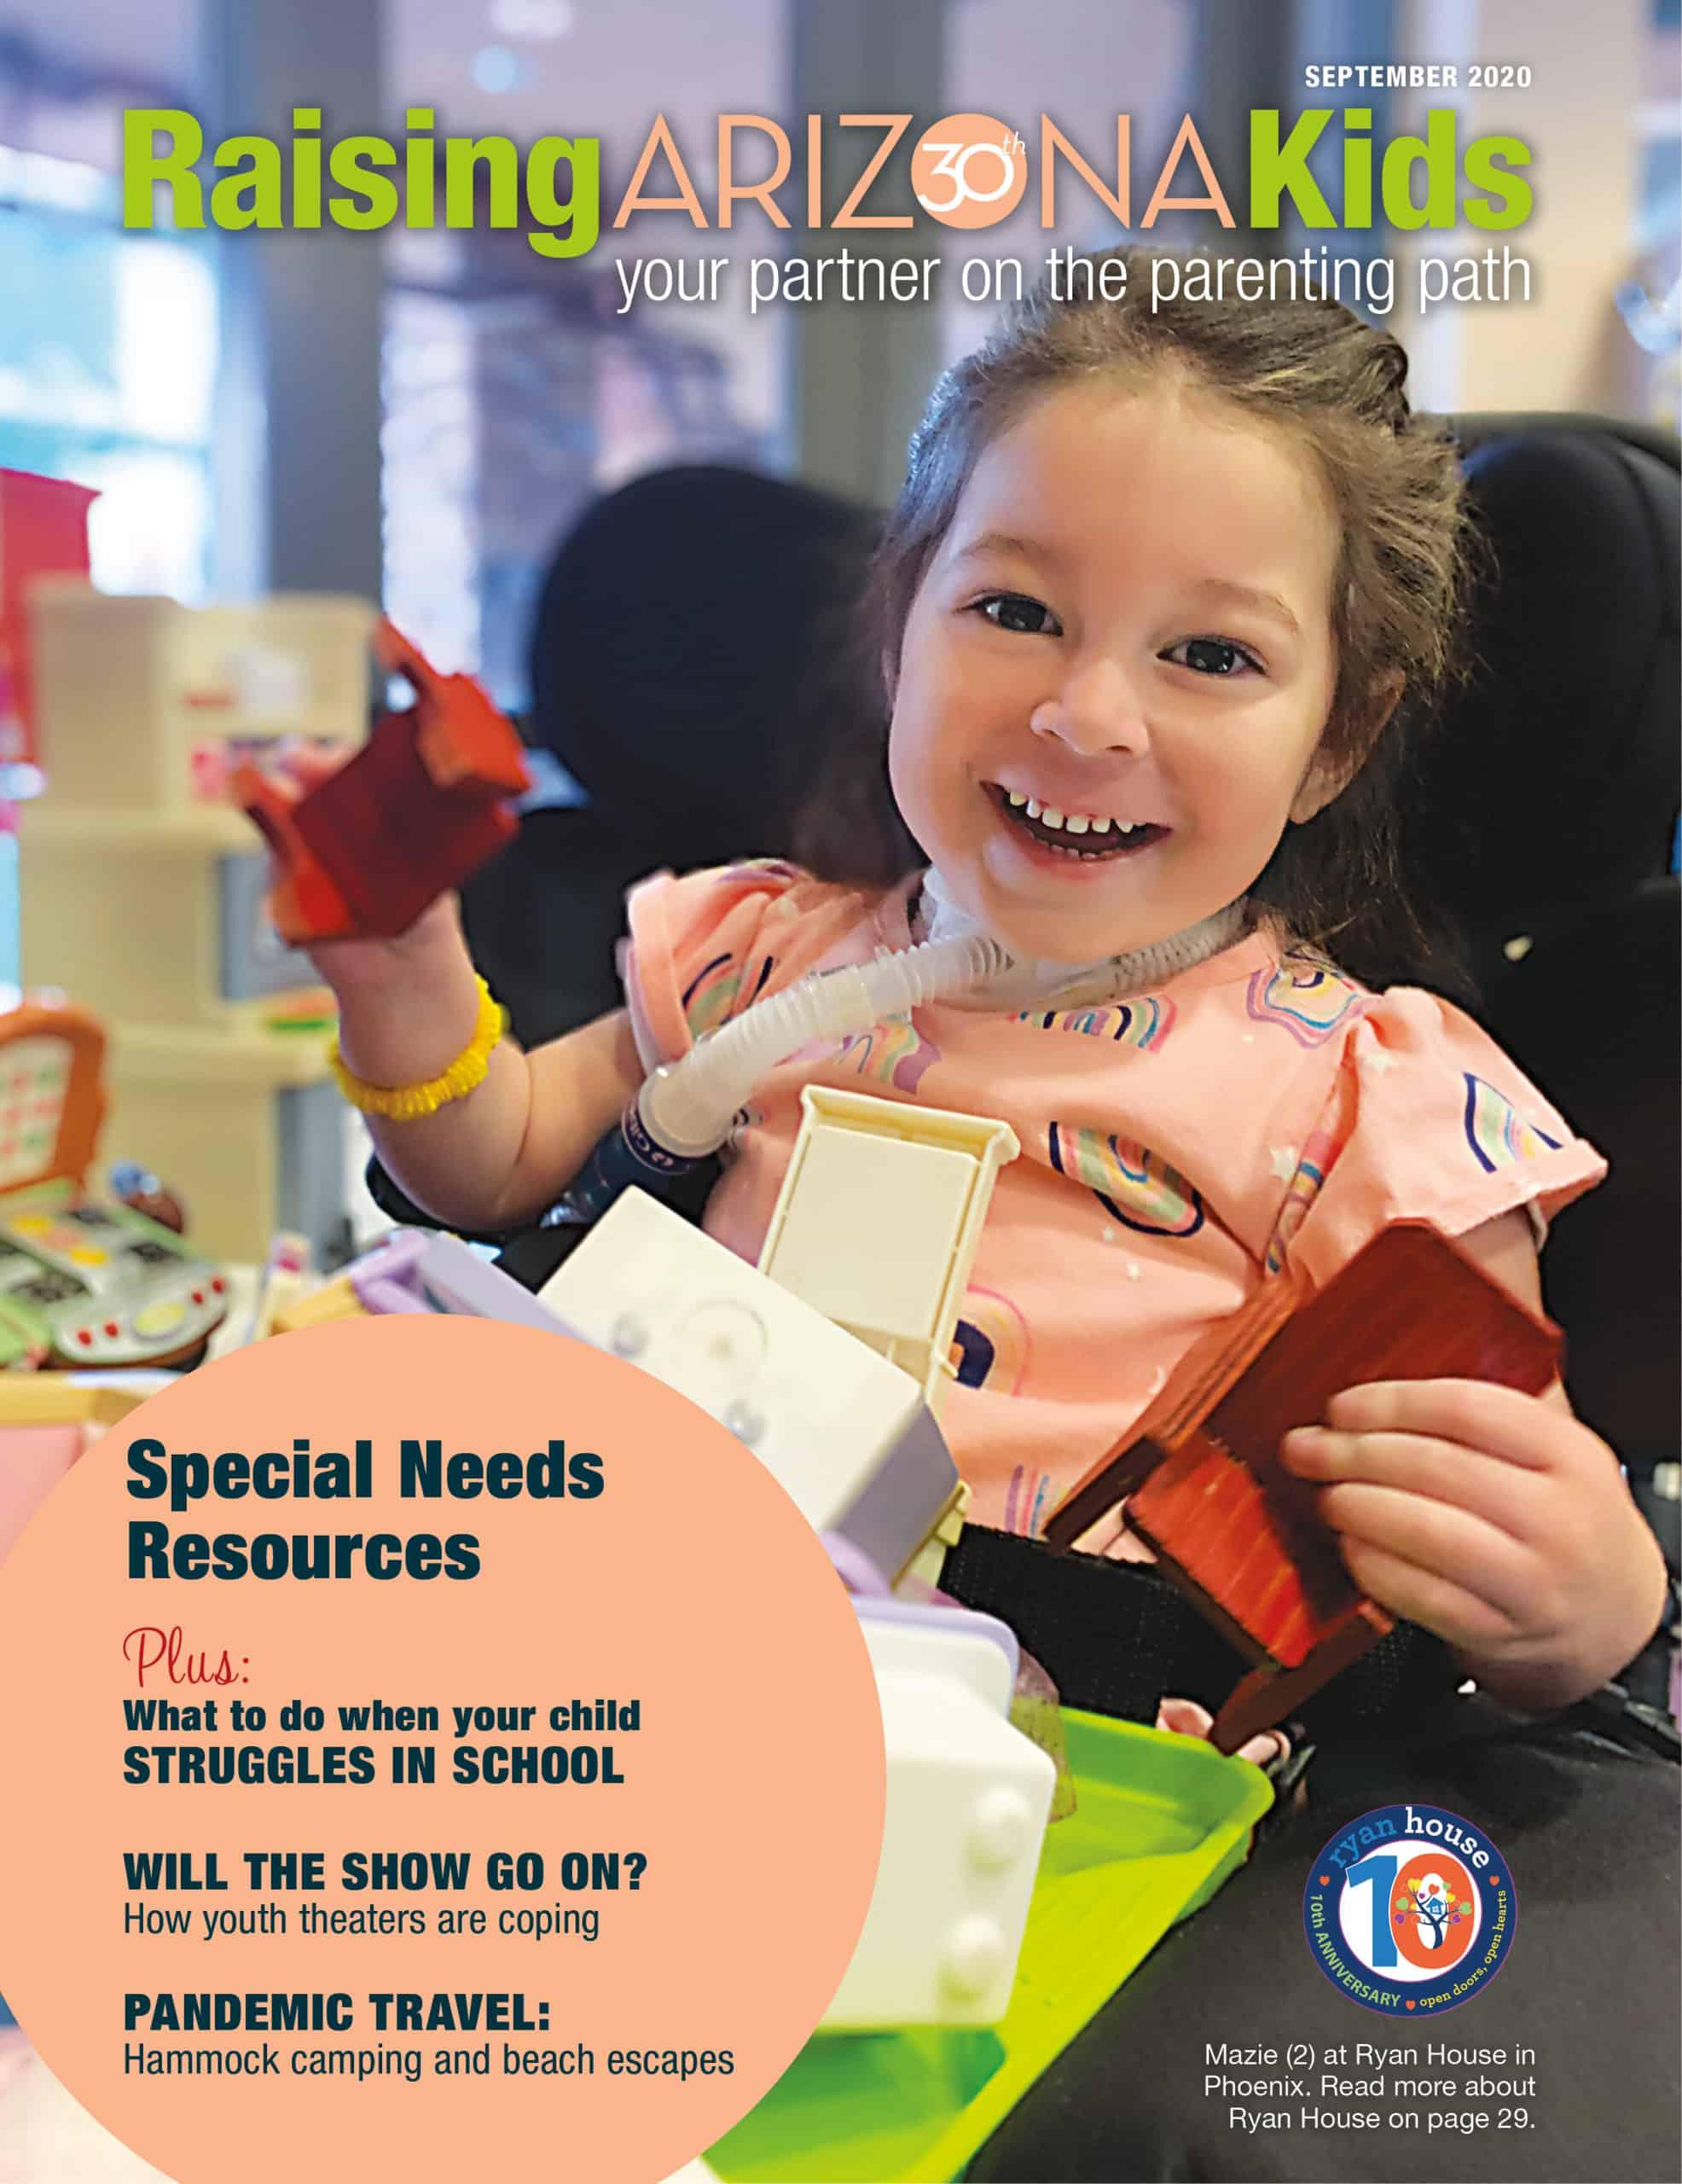 Ryan House Featured on Raising AZ Kids Magazine September Cover